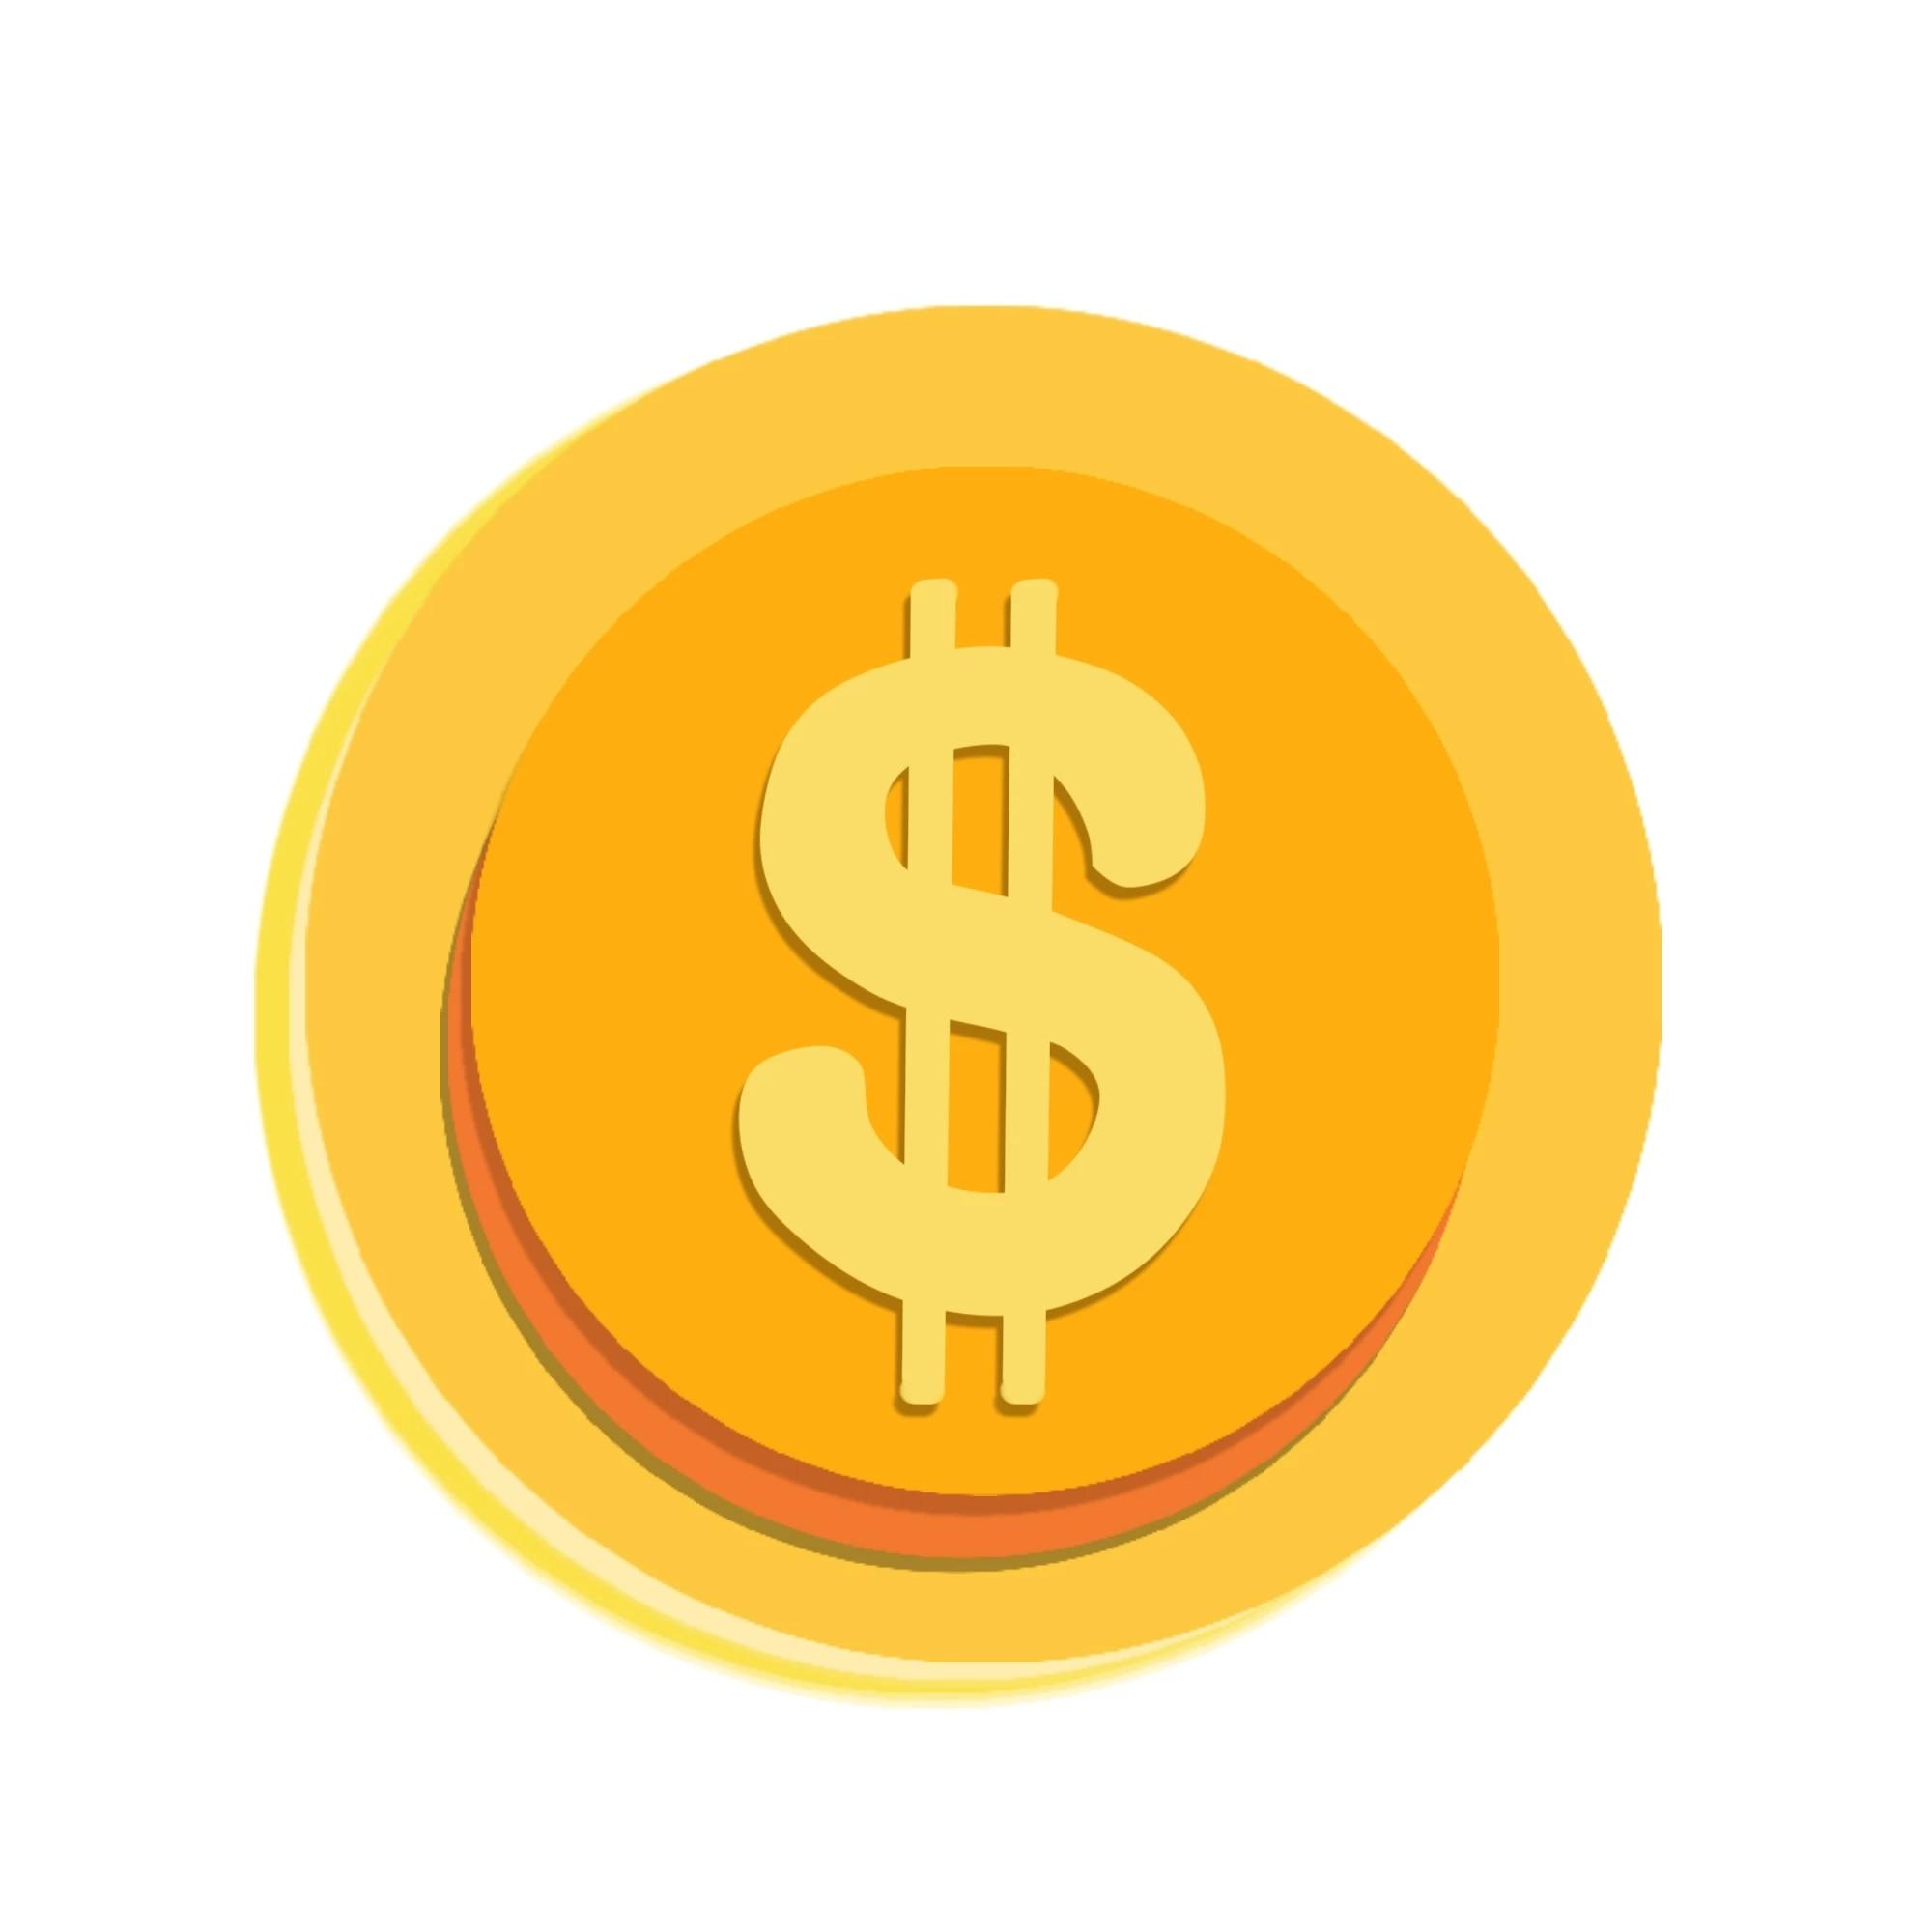 يشكلون رابط السعر ، منتجات أخرى عن طريق التفاوض رابط الدفع